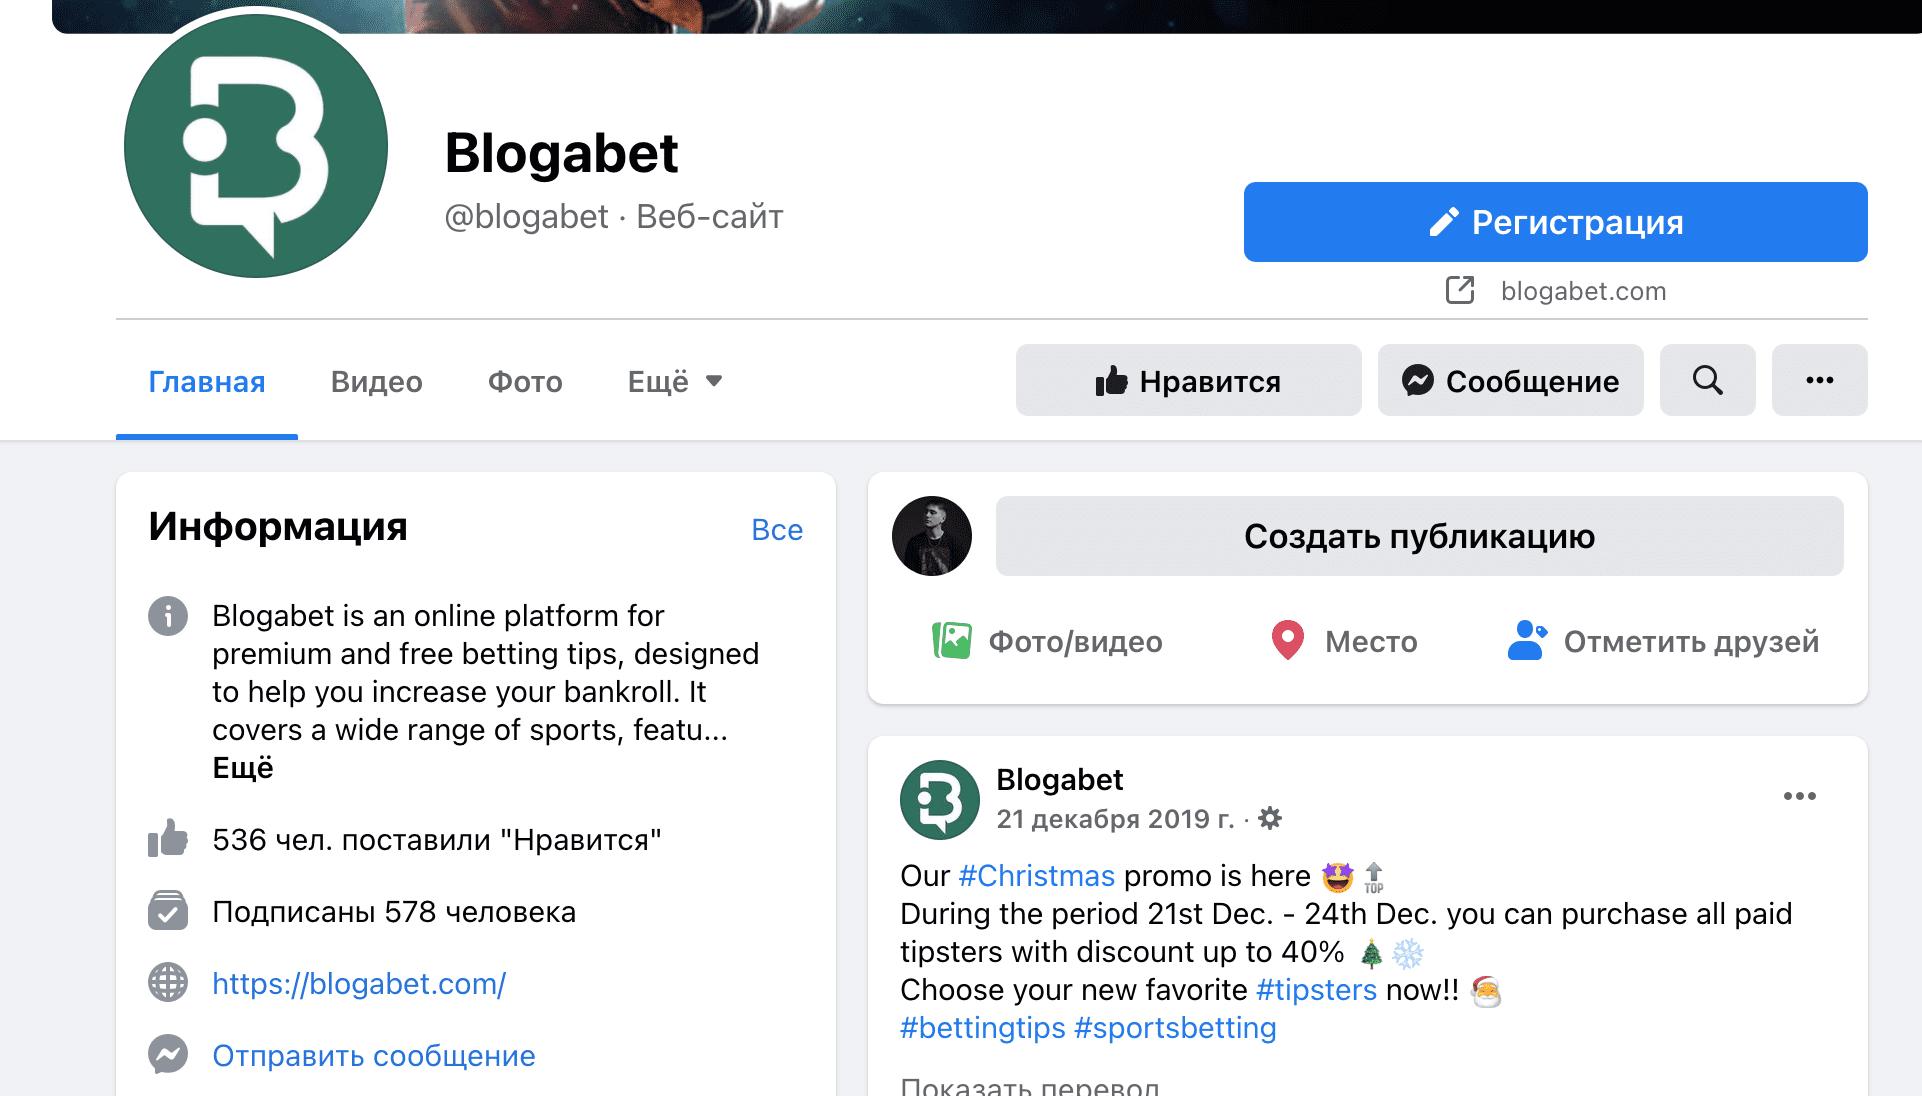 Фейсбук страница Блогабет.ком(Blogabet)